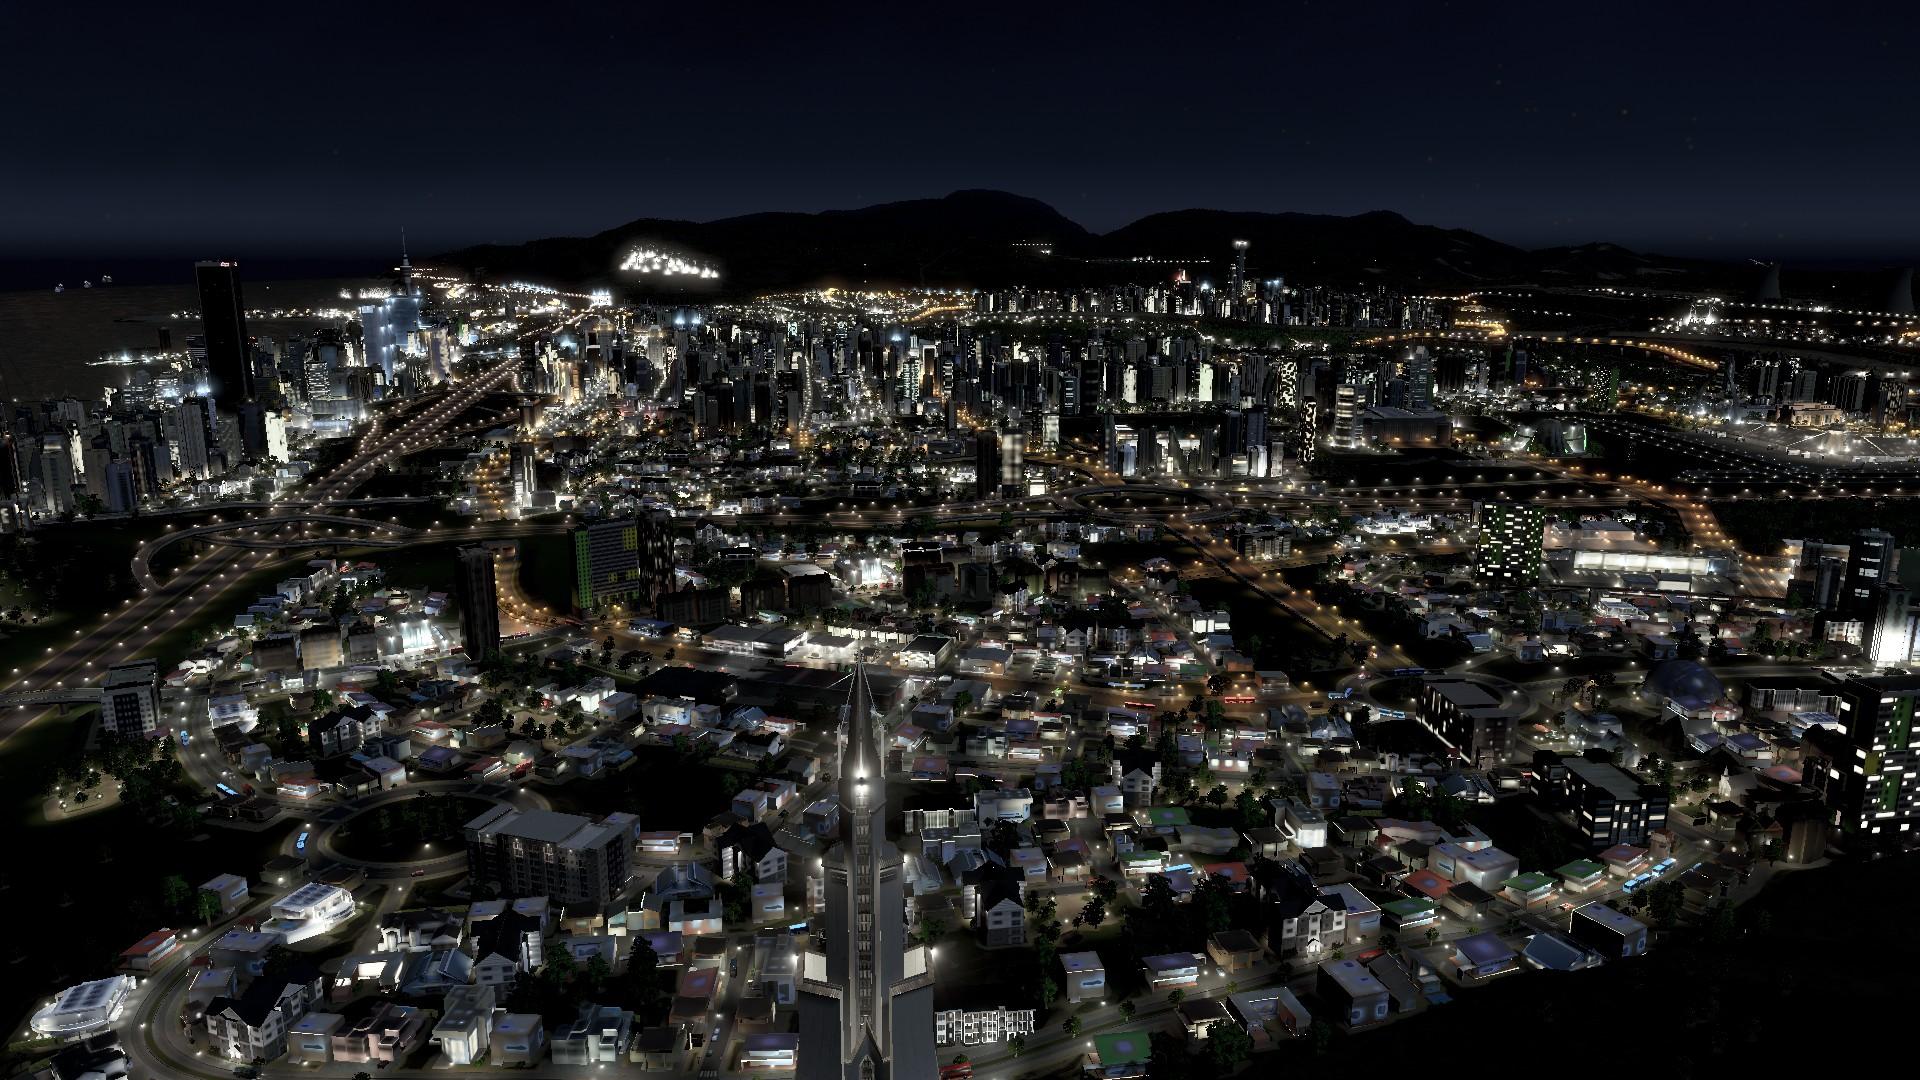 #CitiesSkylines Night Shots an Art of Beauty